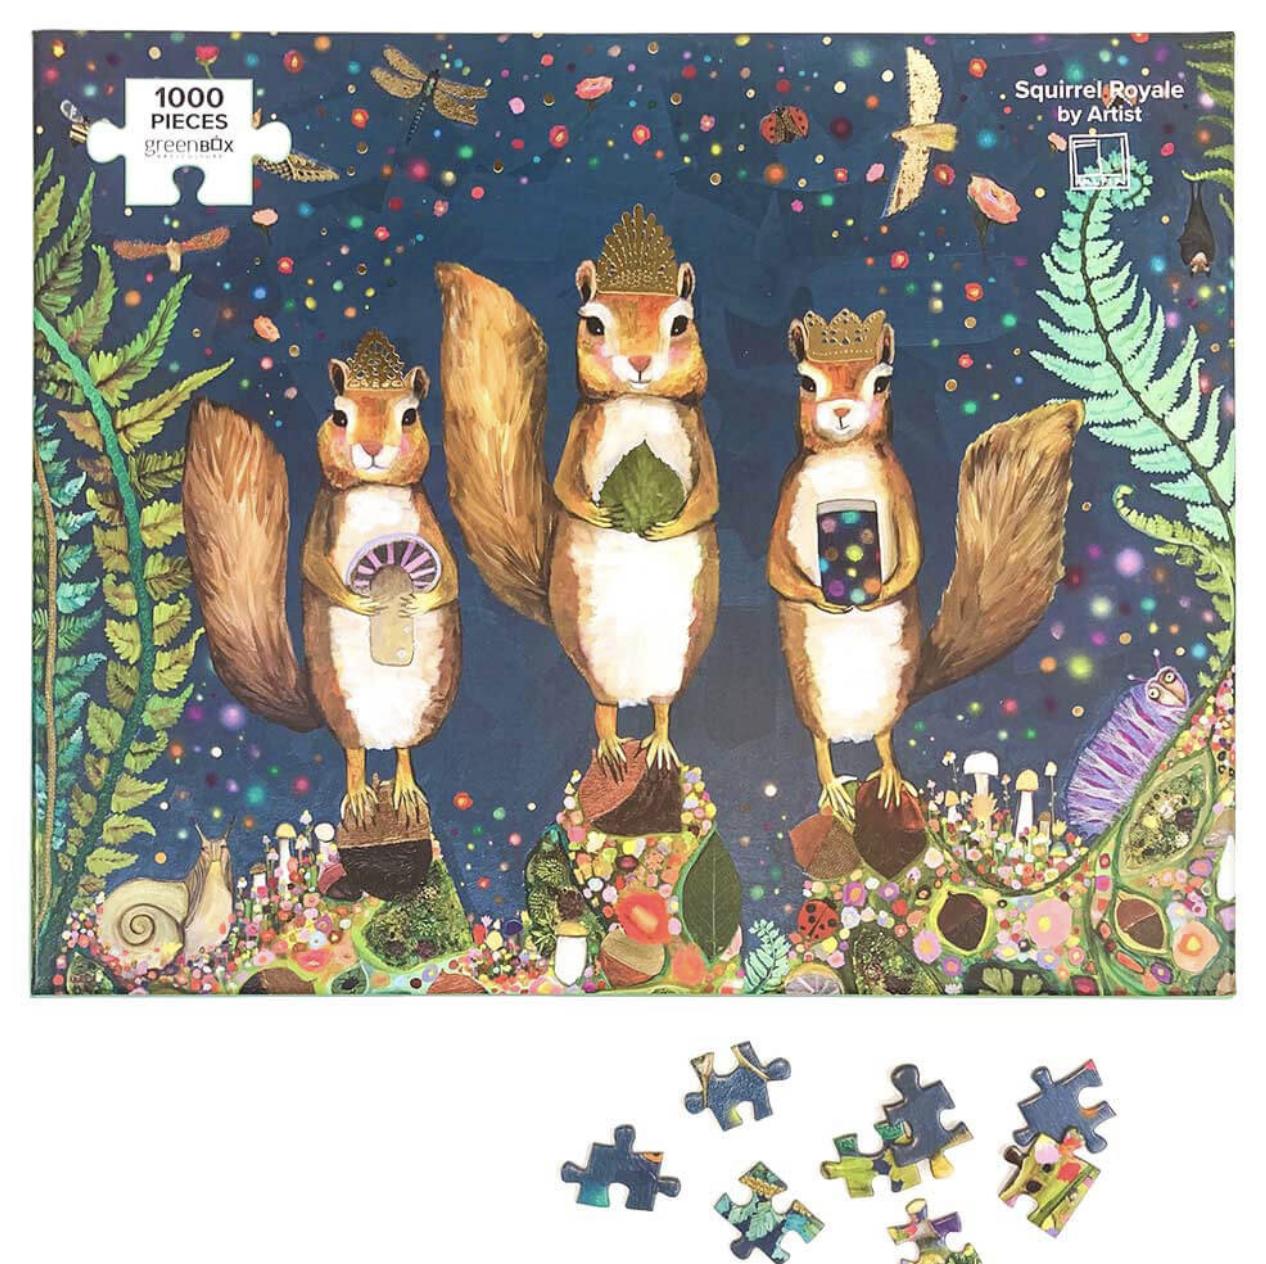 Squirrel Royale 1000 Piece Puzzle